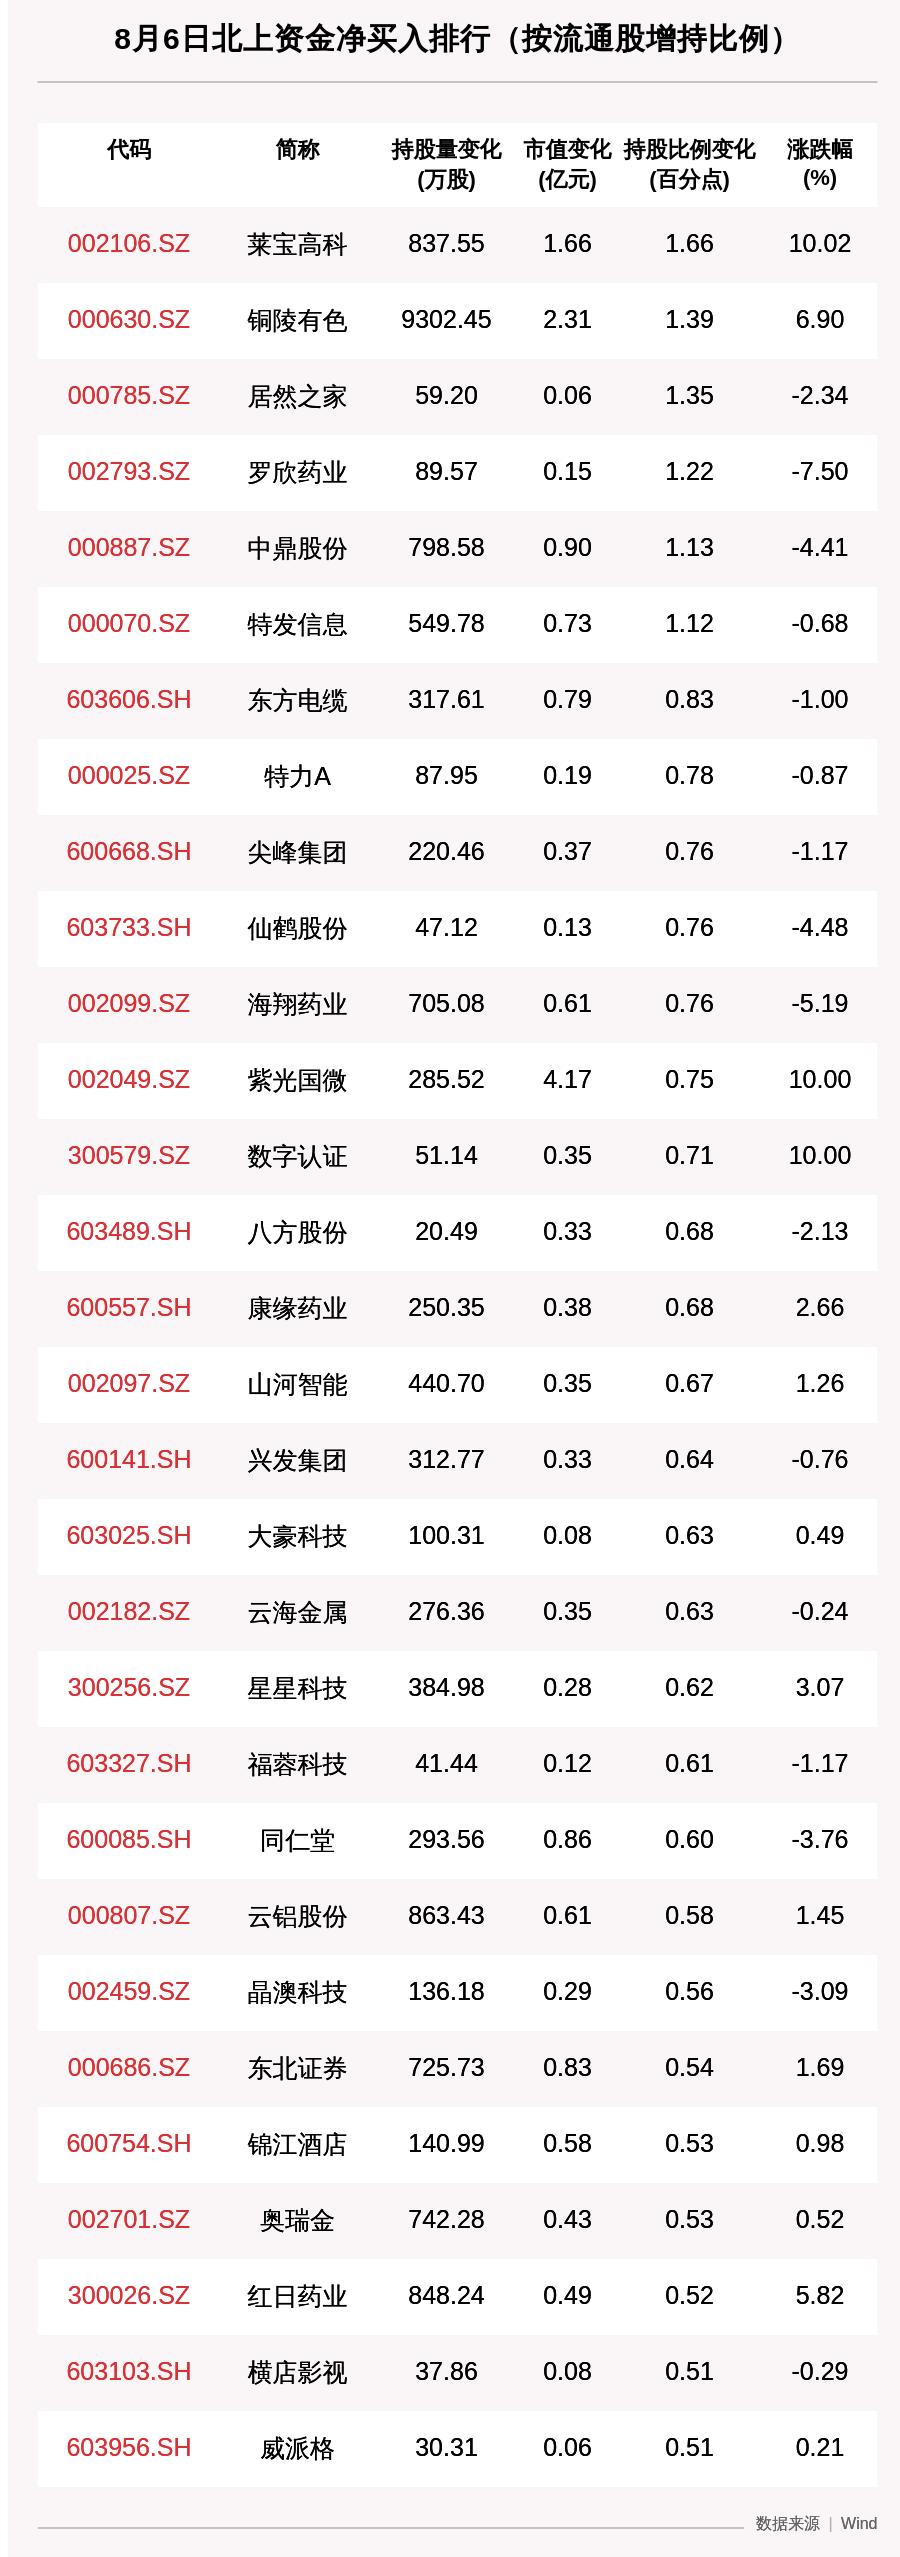 北向资金动向曝光:8月6日这30只个股被猛烈扫货,净买入中国中免7.3亿、紫光国微4.17亿(附名单)